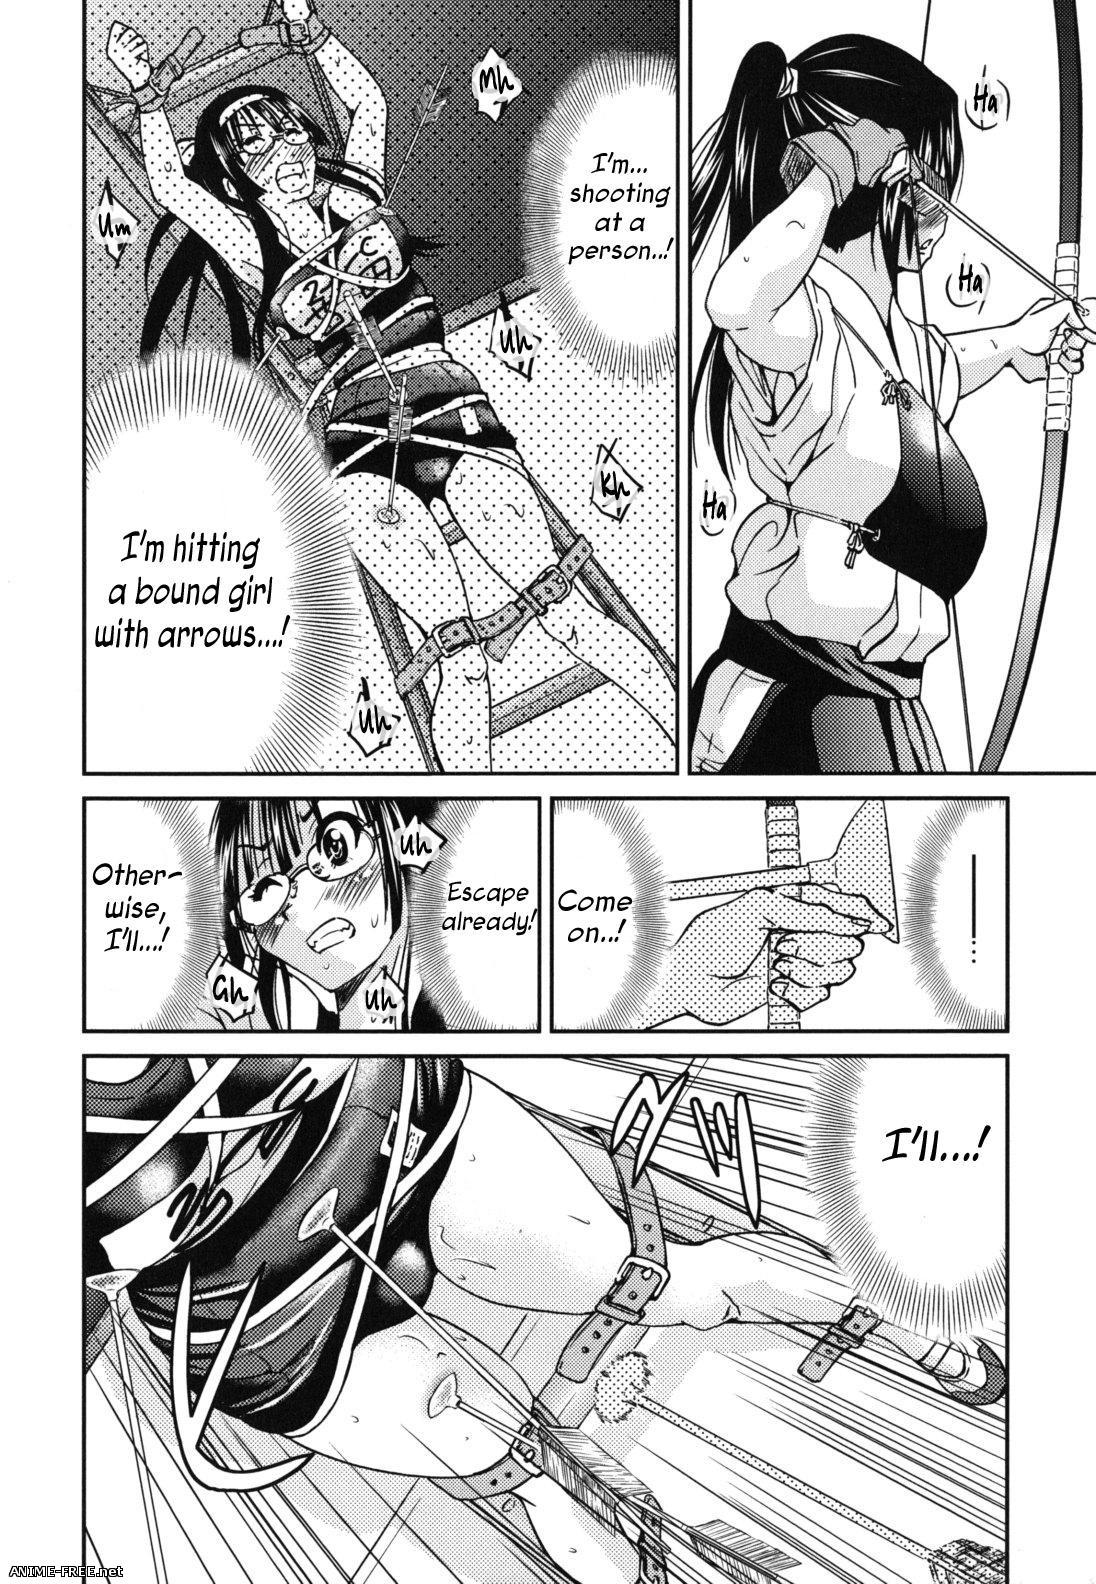 Inoue Yoshihisa / Ponyfarm - Сборник хентай манги [Ptcen] [JAP,ENG,RUS] Manga Hentai